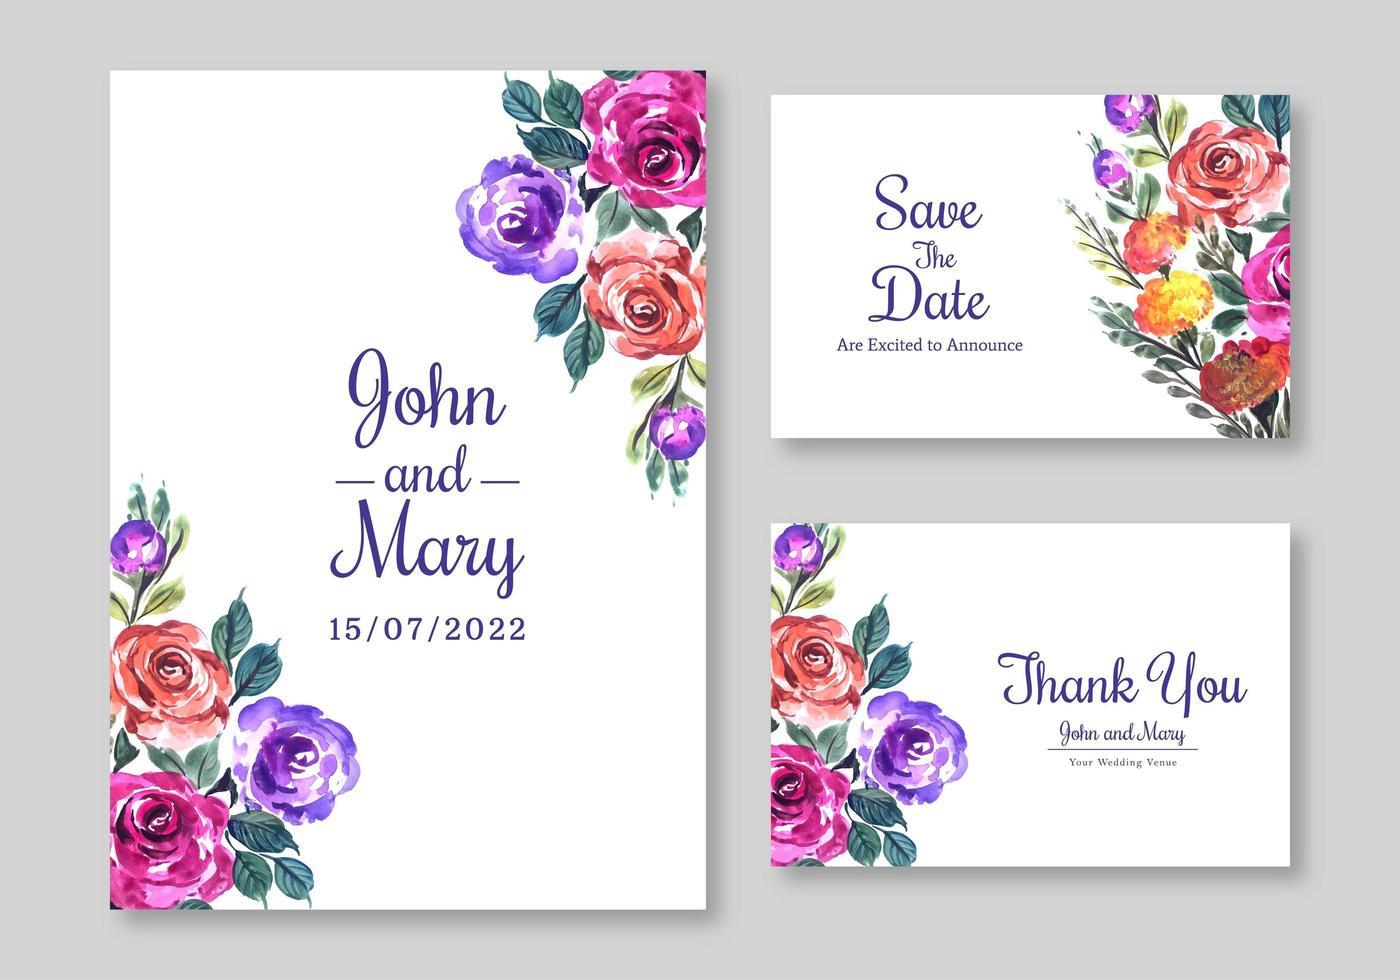 blommor blommor bröllop inbjudningskort uppsättning vektor